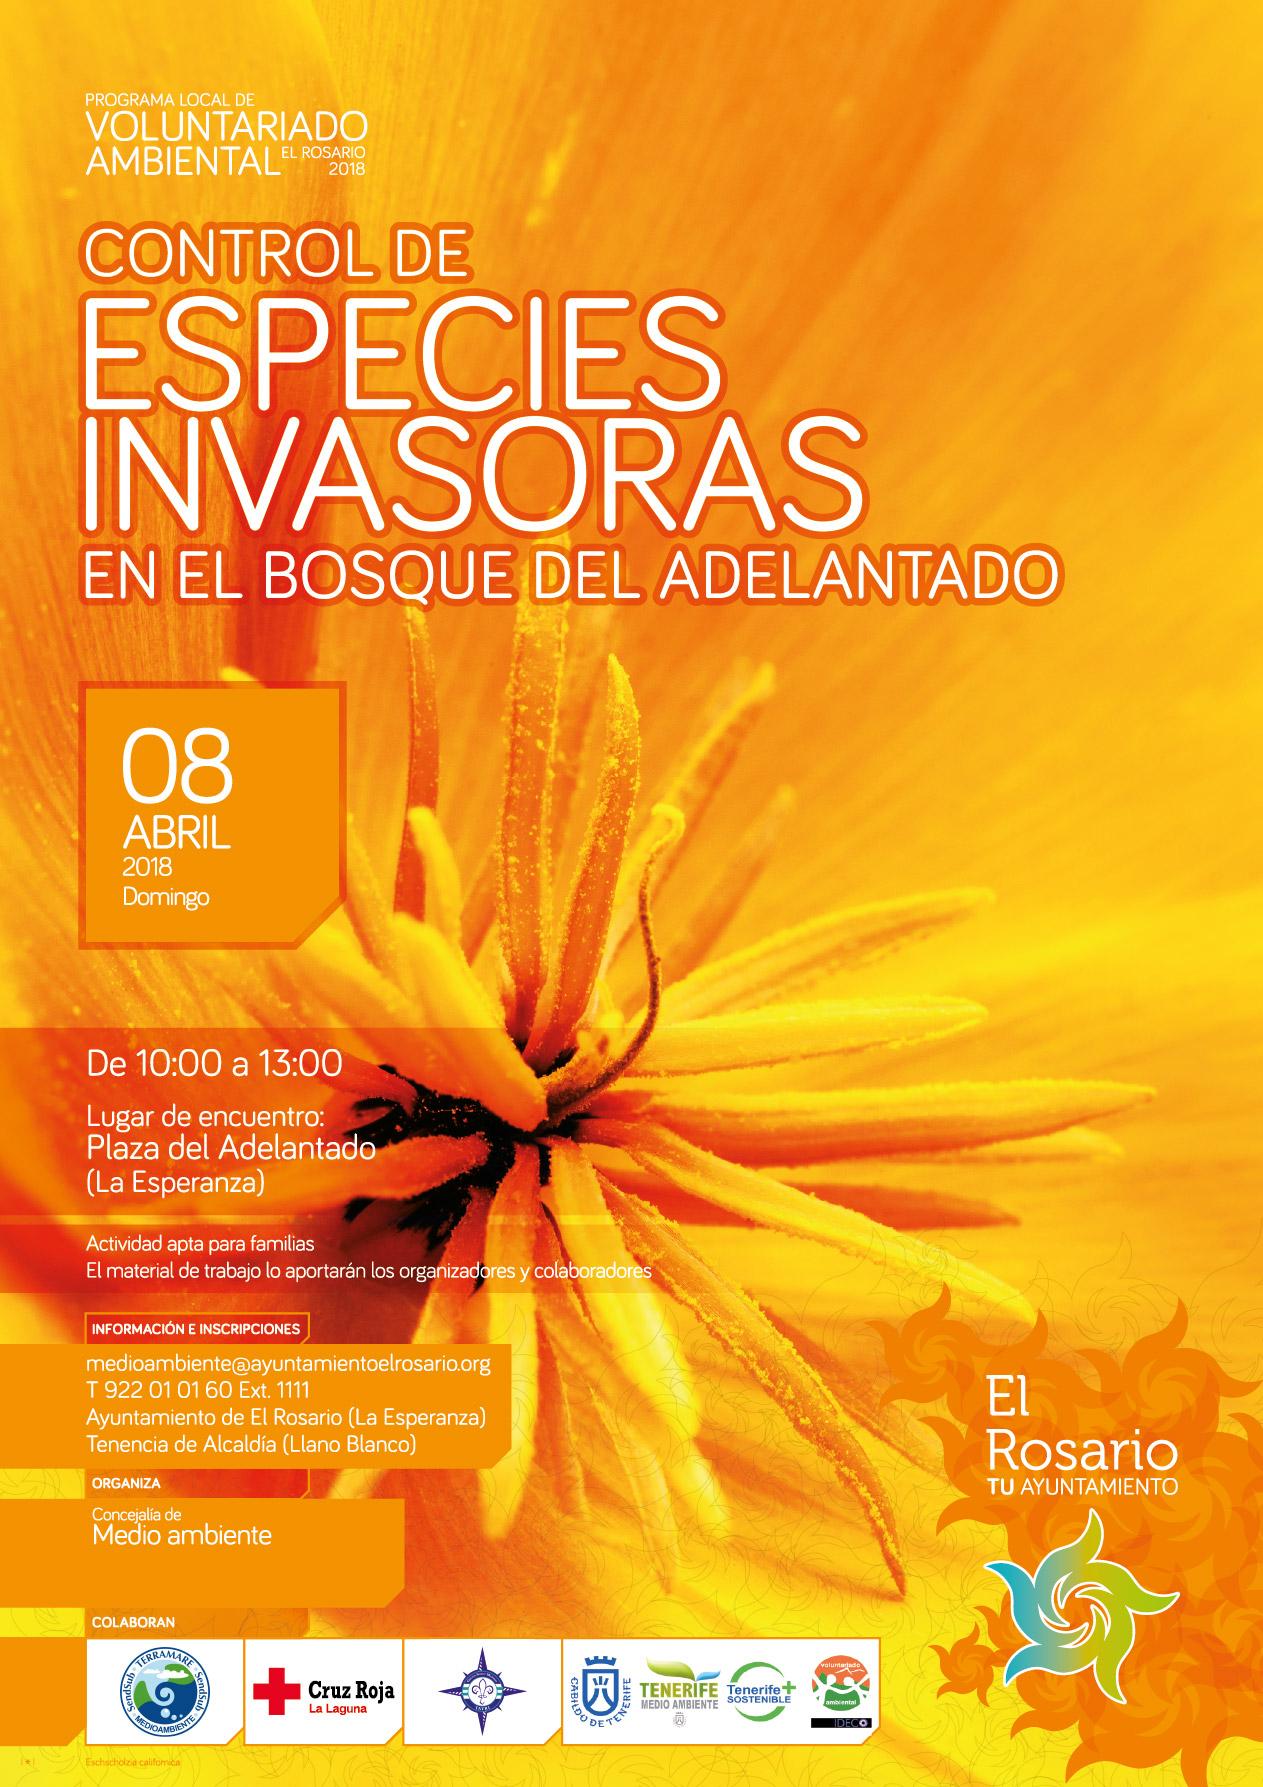 CONTROL_ESPECIES_INVASORAS_20180408-CARTEL-20180323-01af-redes